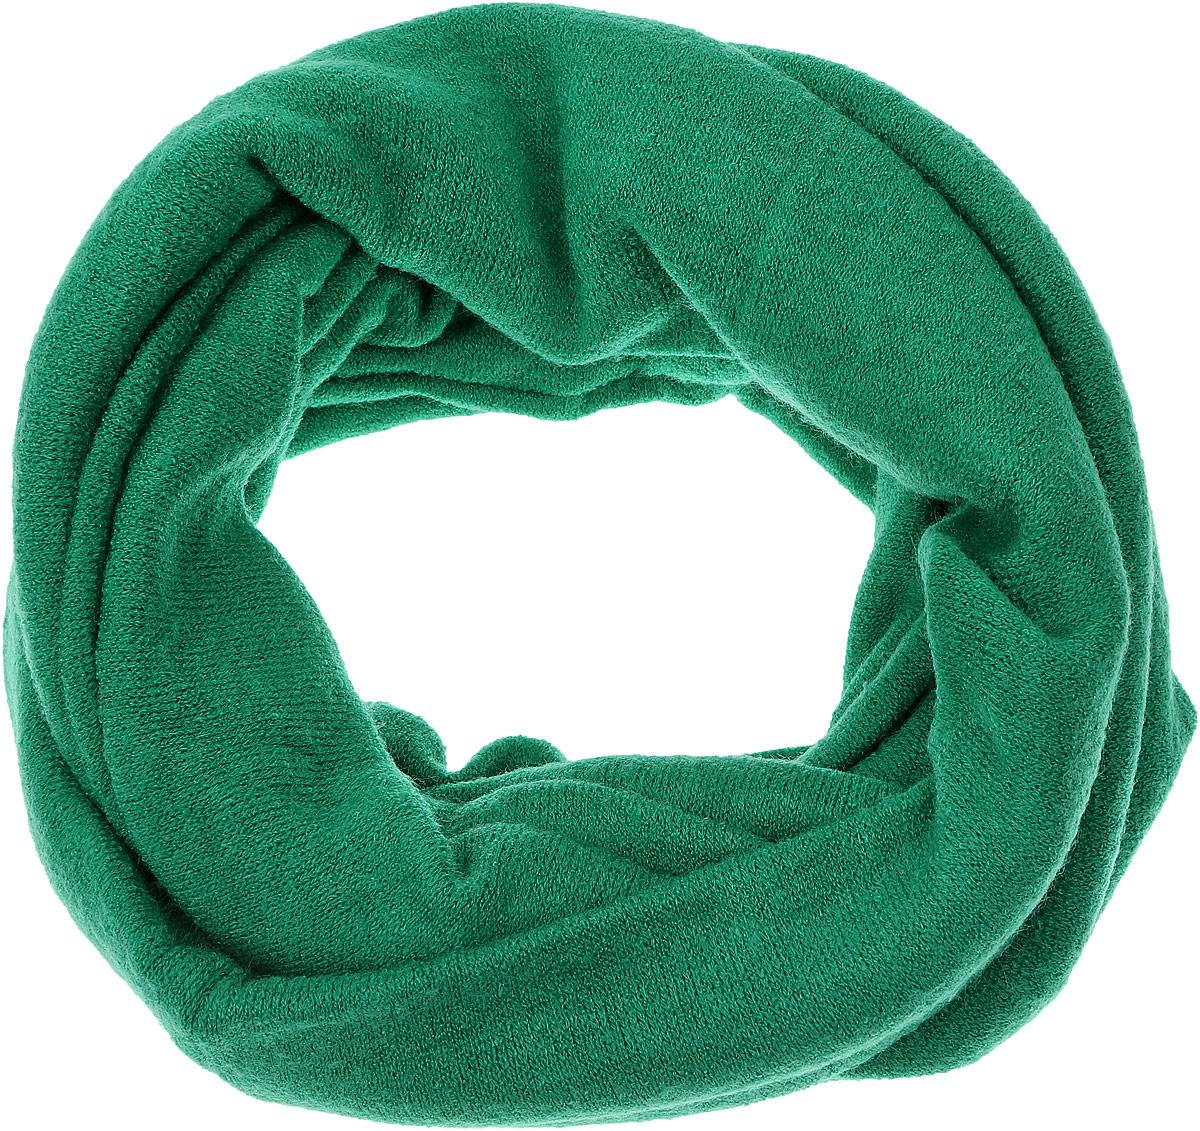 V2505-А7Женский вязаный снуд-хомут Vita Pelle станет отличным дополнением к гардеробу в холодную погоду. Изготовленный из высококачественной комбинированной пряжи, он необычайно мягкий и приятный на ощупь, максимально сохраняет тепло. Шарф-снуд мелкой вязки гармонично дополнит образ современной женщины, следящей за своим имиджем и стремящейся всегда оставаться стильной.